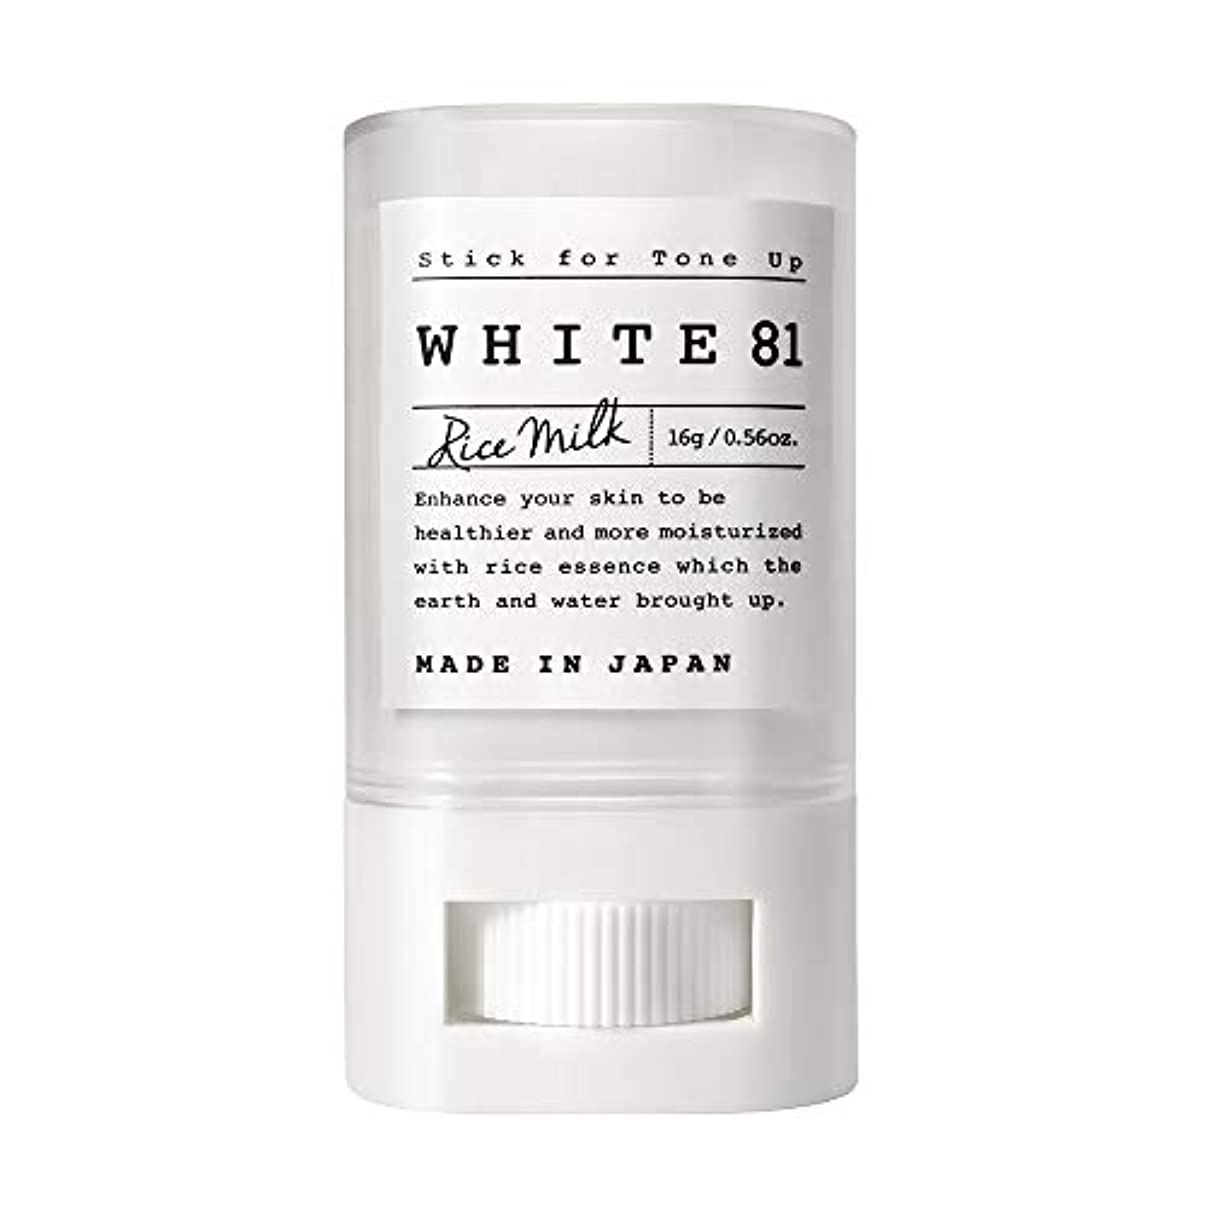 自信がある万歳ルビーWHITE81 ホワイト81 トーンアップスティック(化粧下地?日焼け止め / SPF35?PA+++?ウォータープルーフ?複合保湿成分配合?肌に優しい6種のフリー / 日本製)